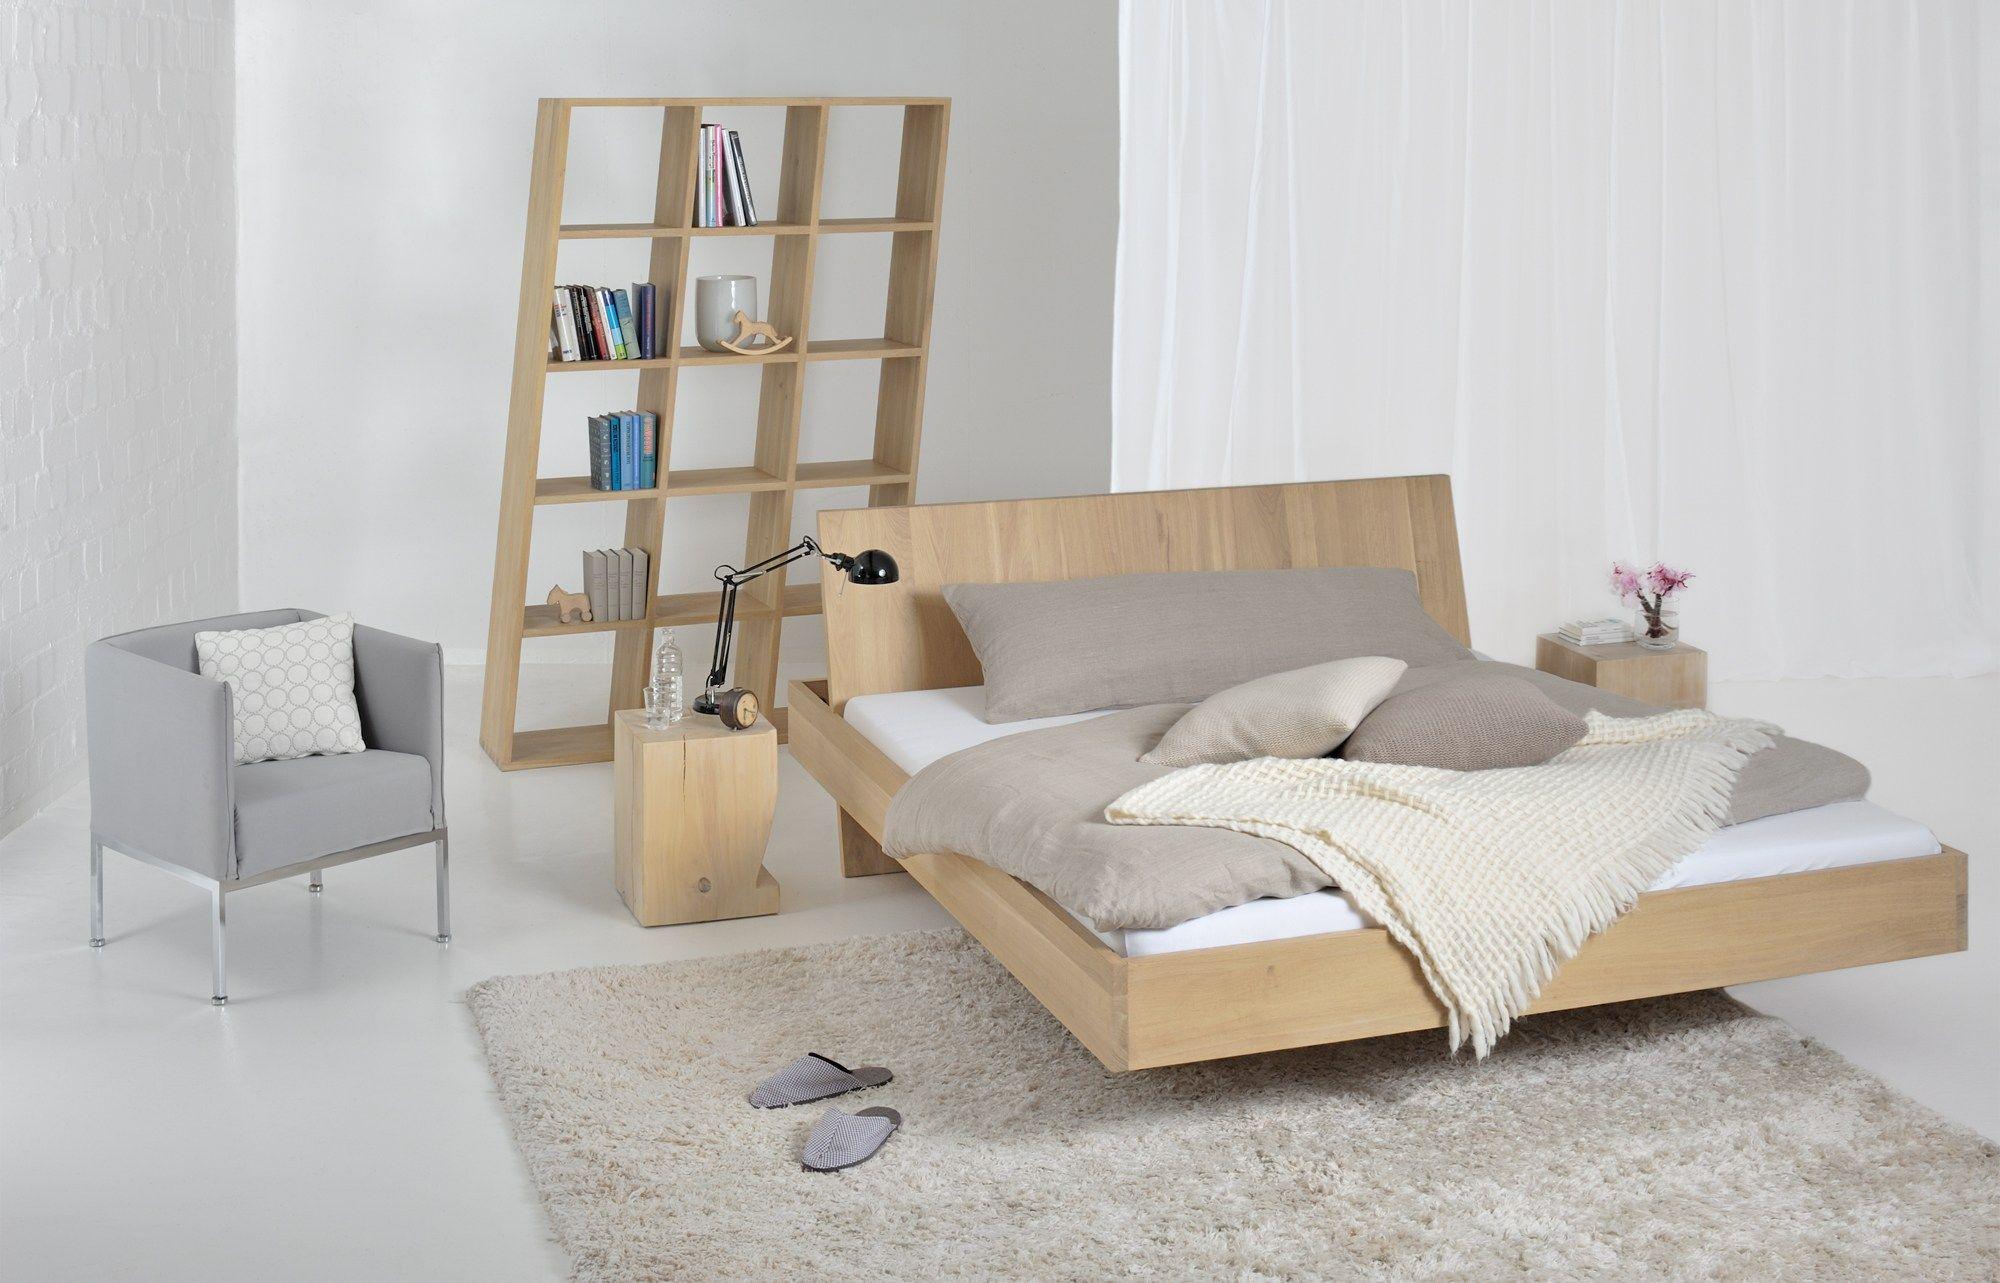 Letto matrimoniale in legno massello somnia by vitamin design design gg designart - Innovative ideas for decorating bed room ...